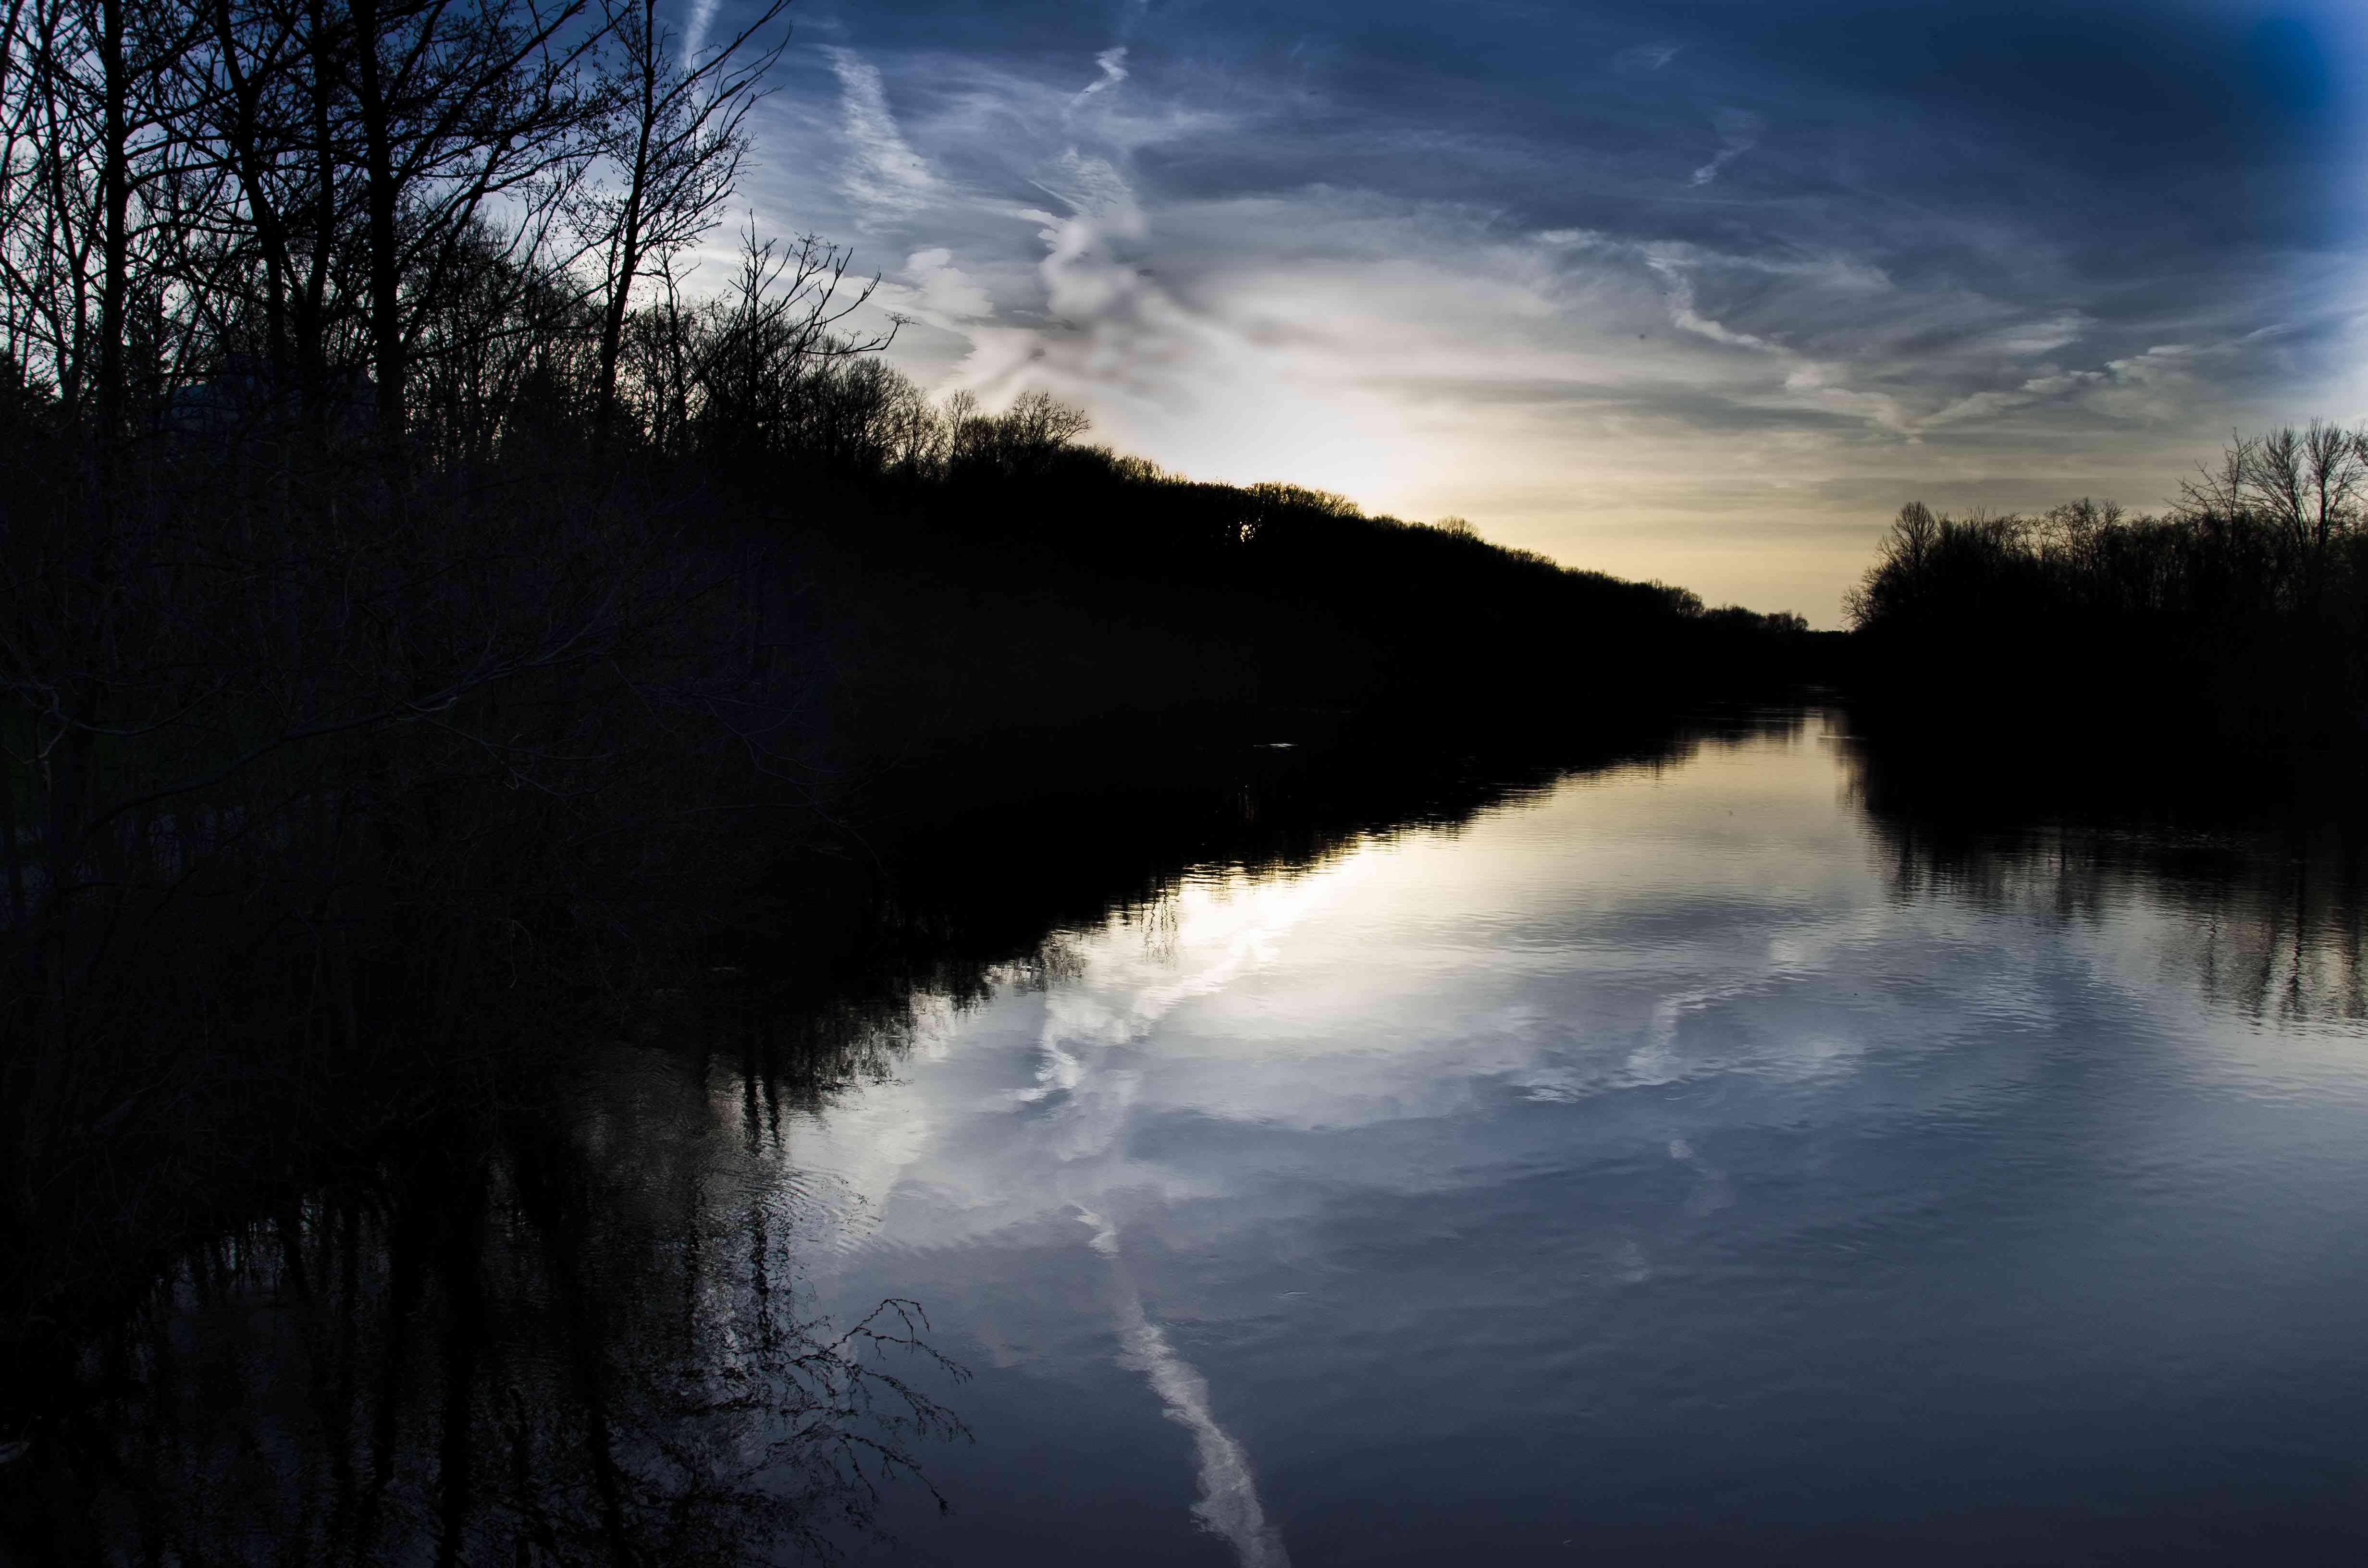 Puesta de sol en el río Huron. Ann Arbor, MI